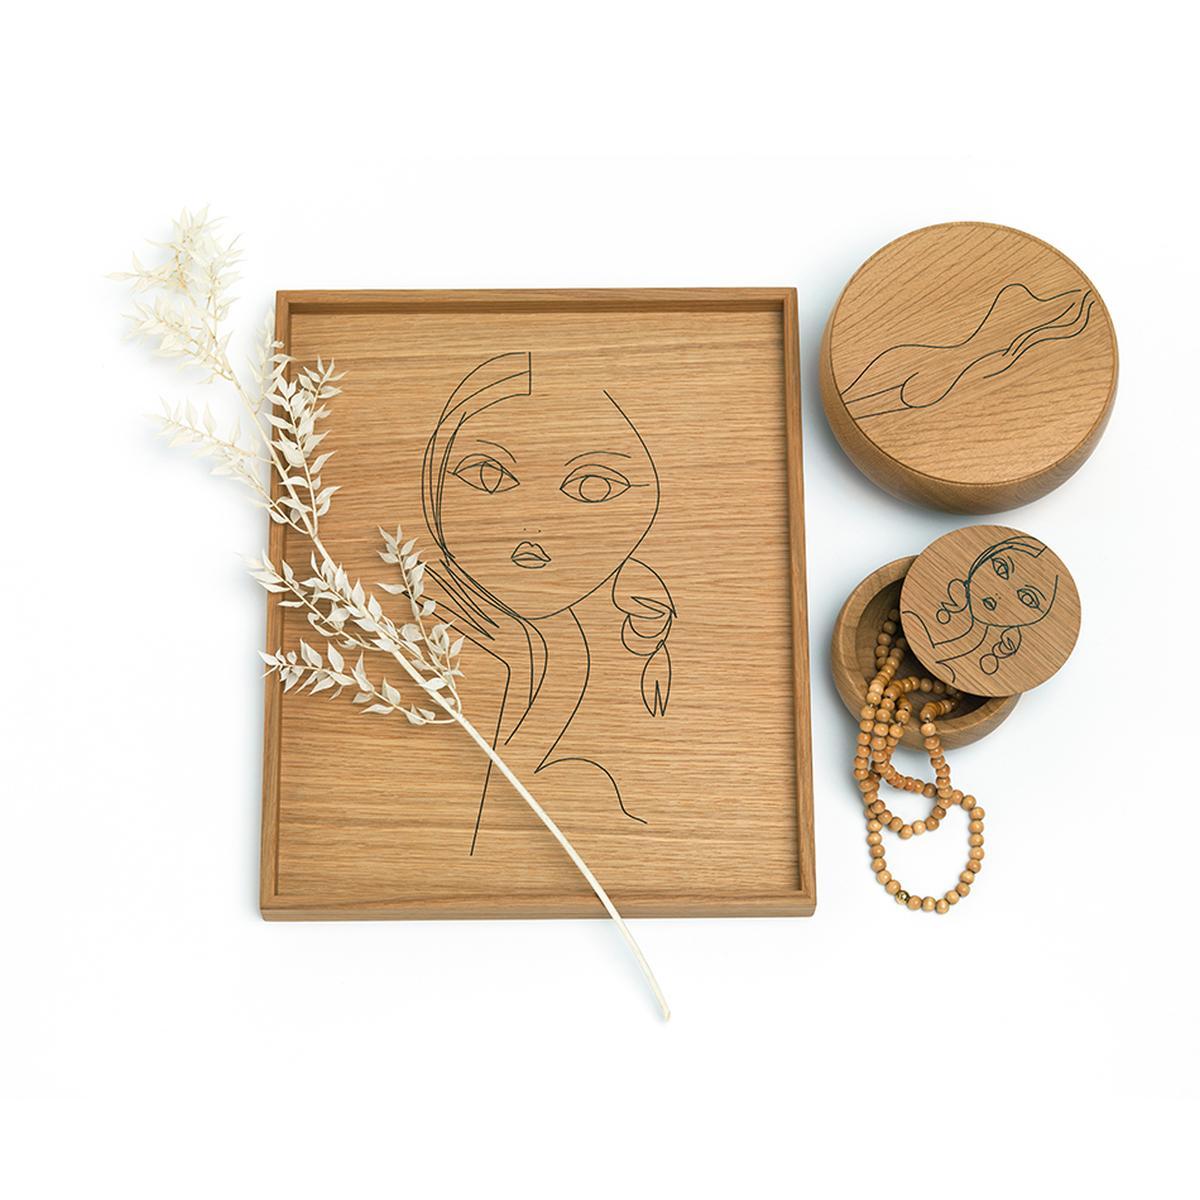 TRAY LITTLE Tablett Art Edition und die BOWL Schale in groß und klein